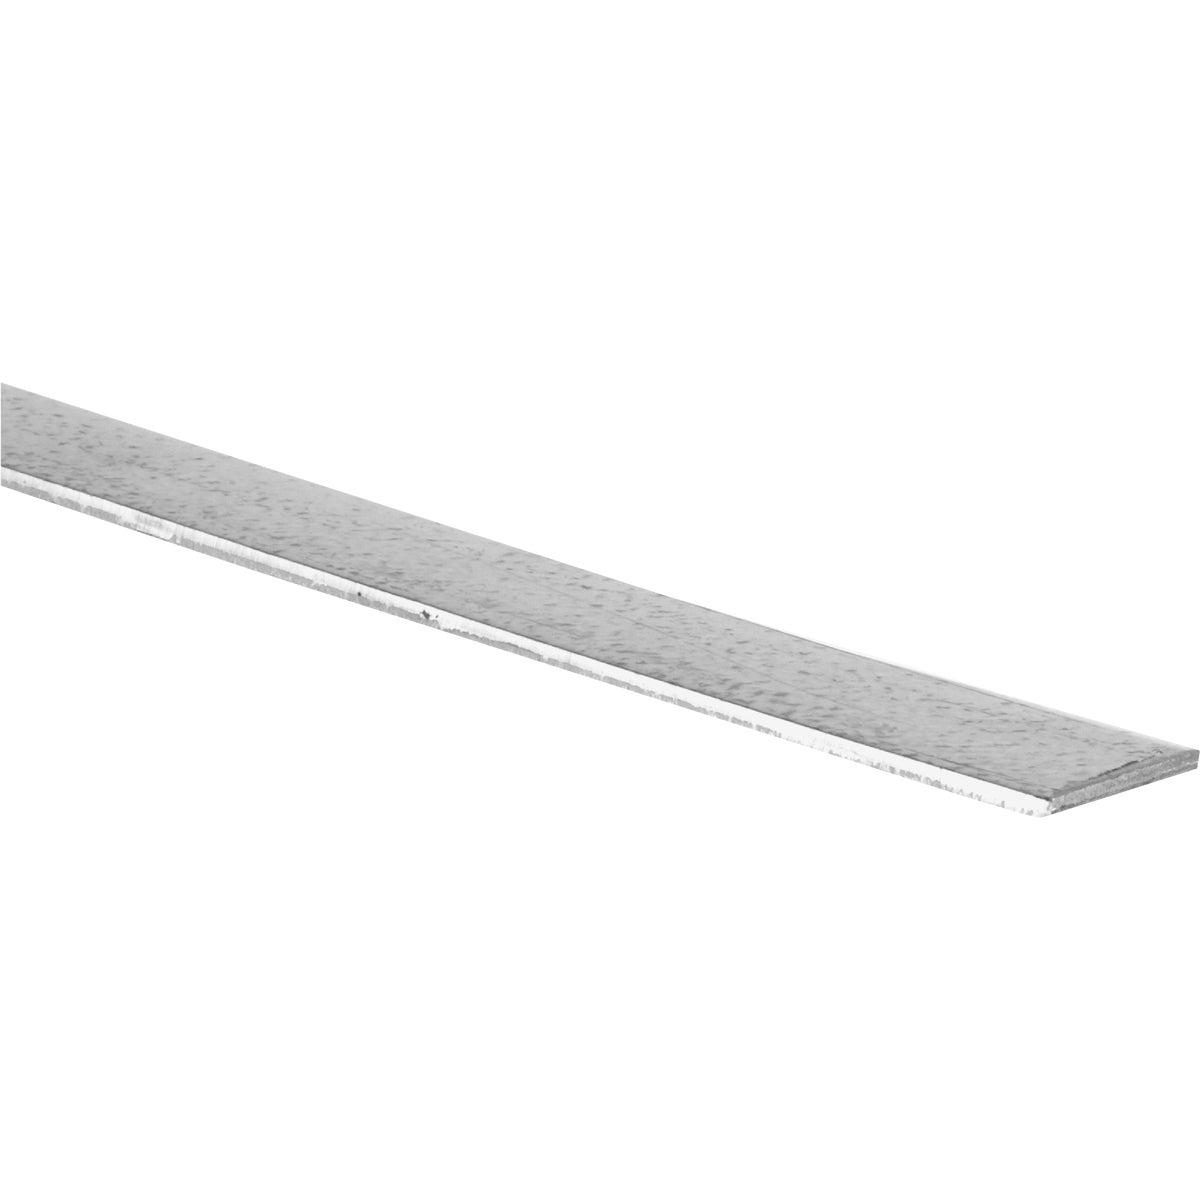 1X4' ZP STEEL FLAT PLATE